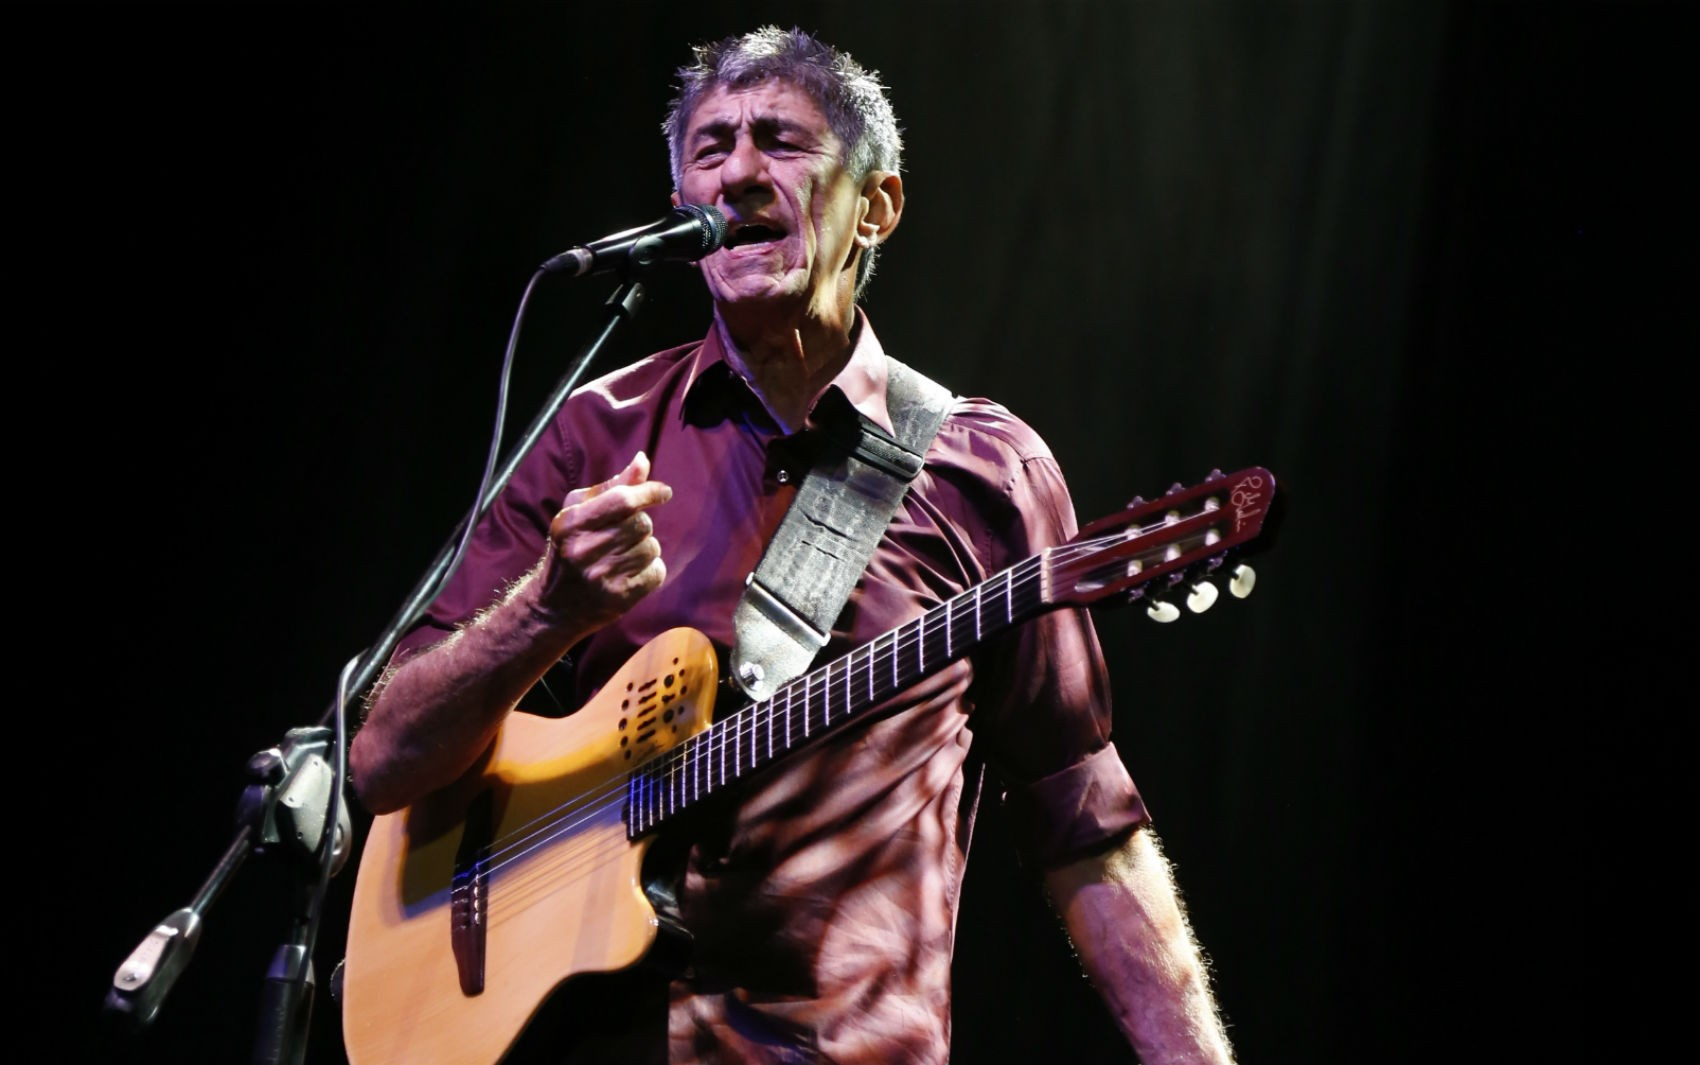 Fagner faz show no São João 2018 de Campina Grande neste sábado (23)